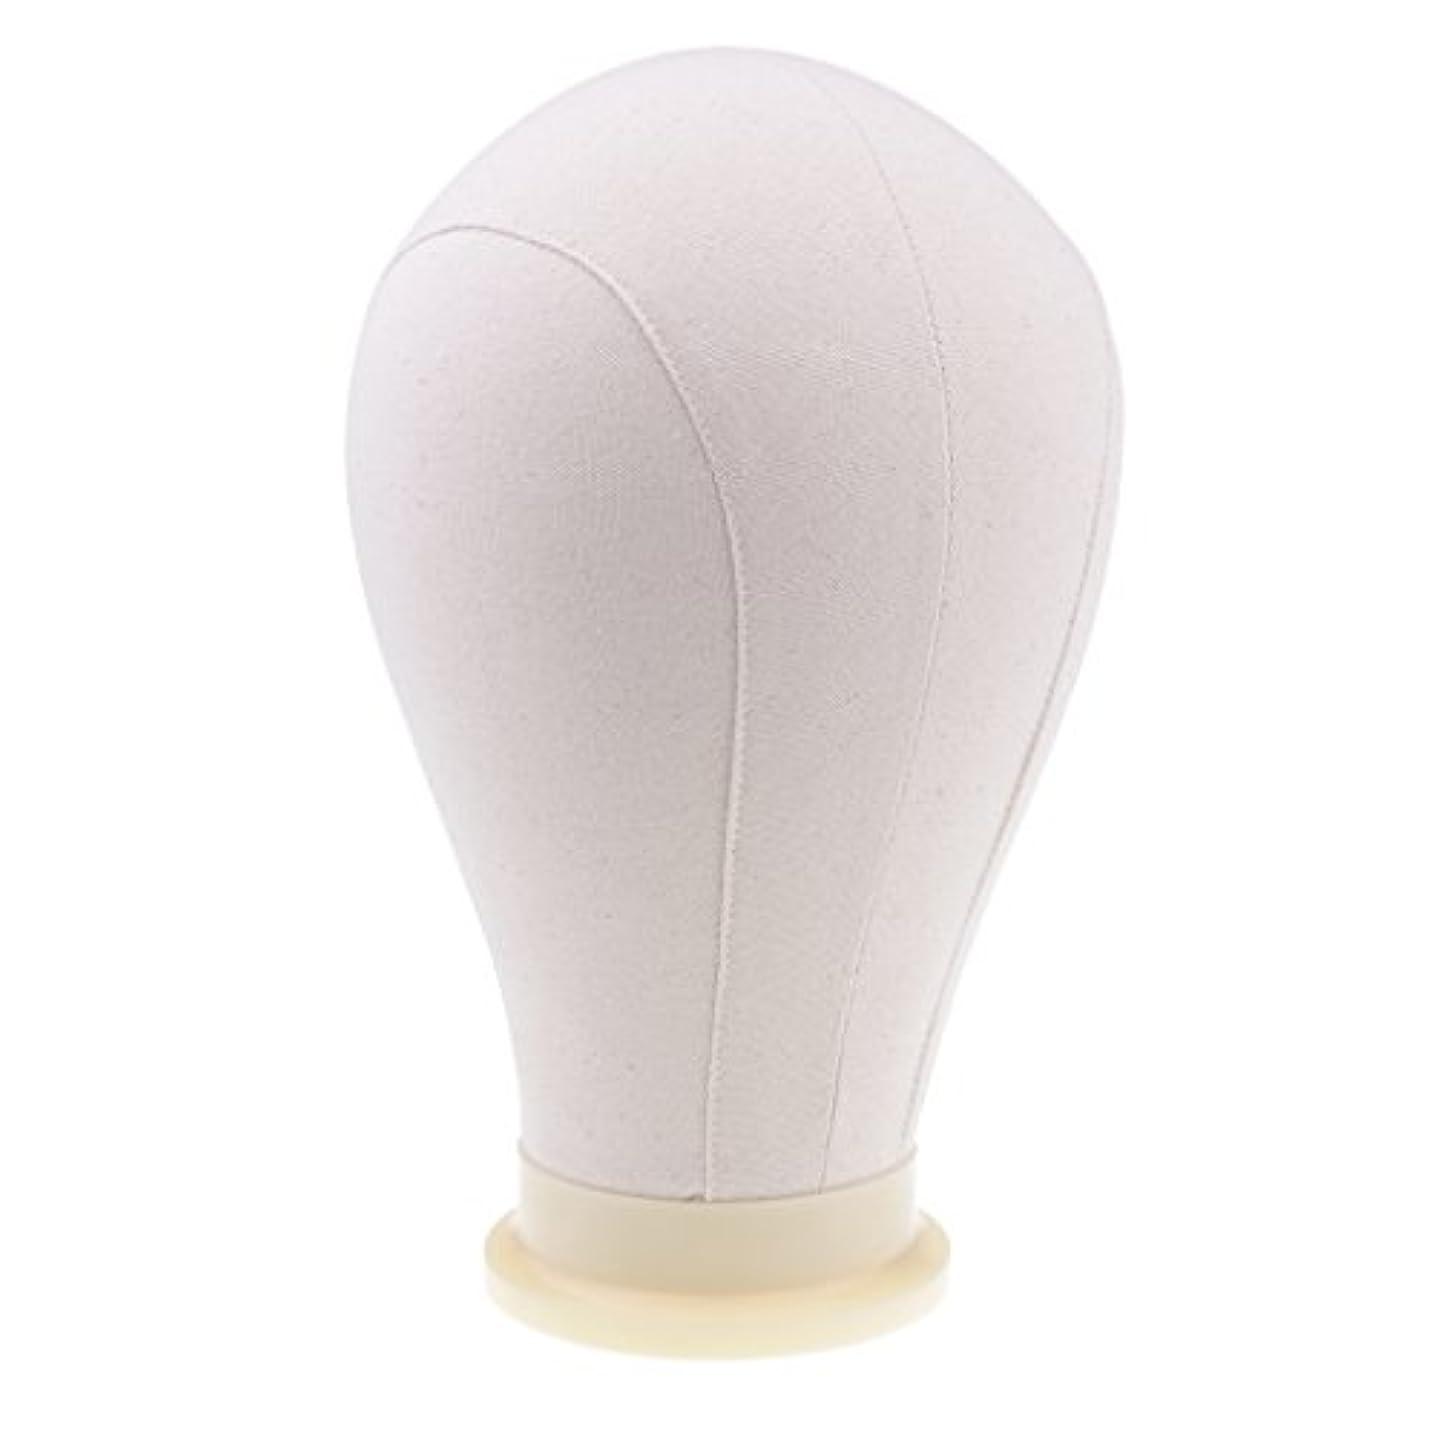 DYNWAVE かつら 帽子 ディスプレイ キャンバスブロック マネキンヘッド 帽子作り ピン付き 4サイズ - 24インチ